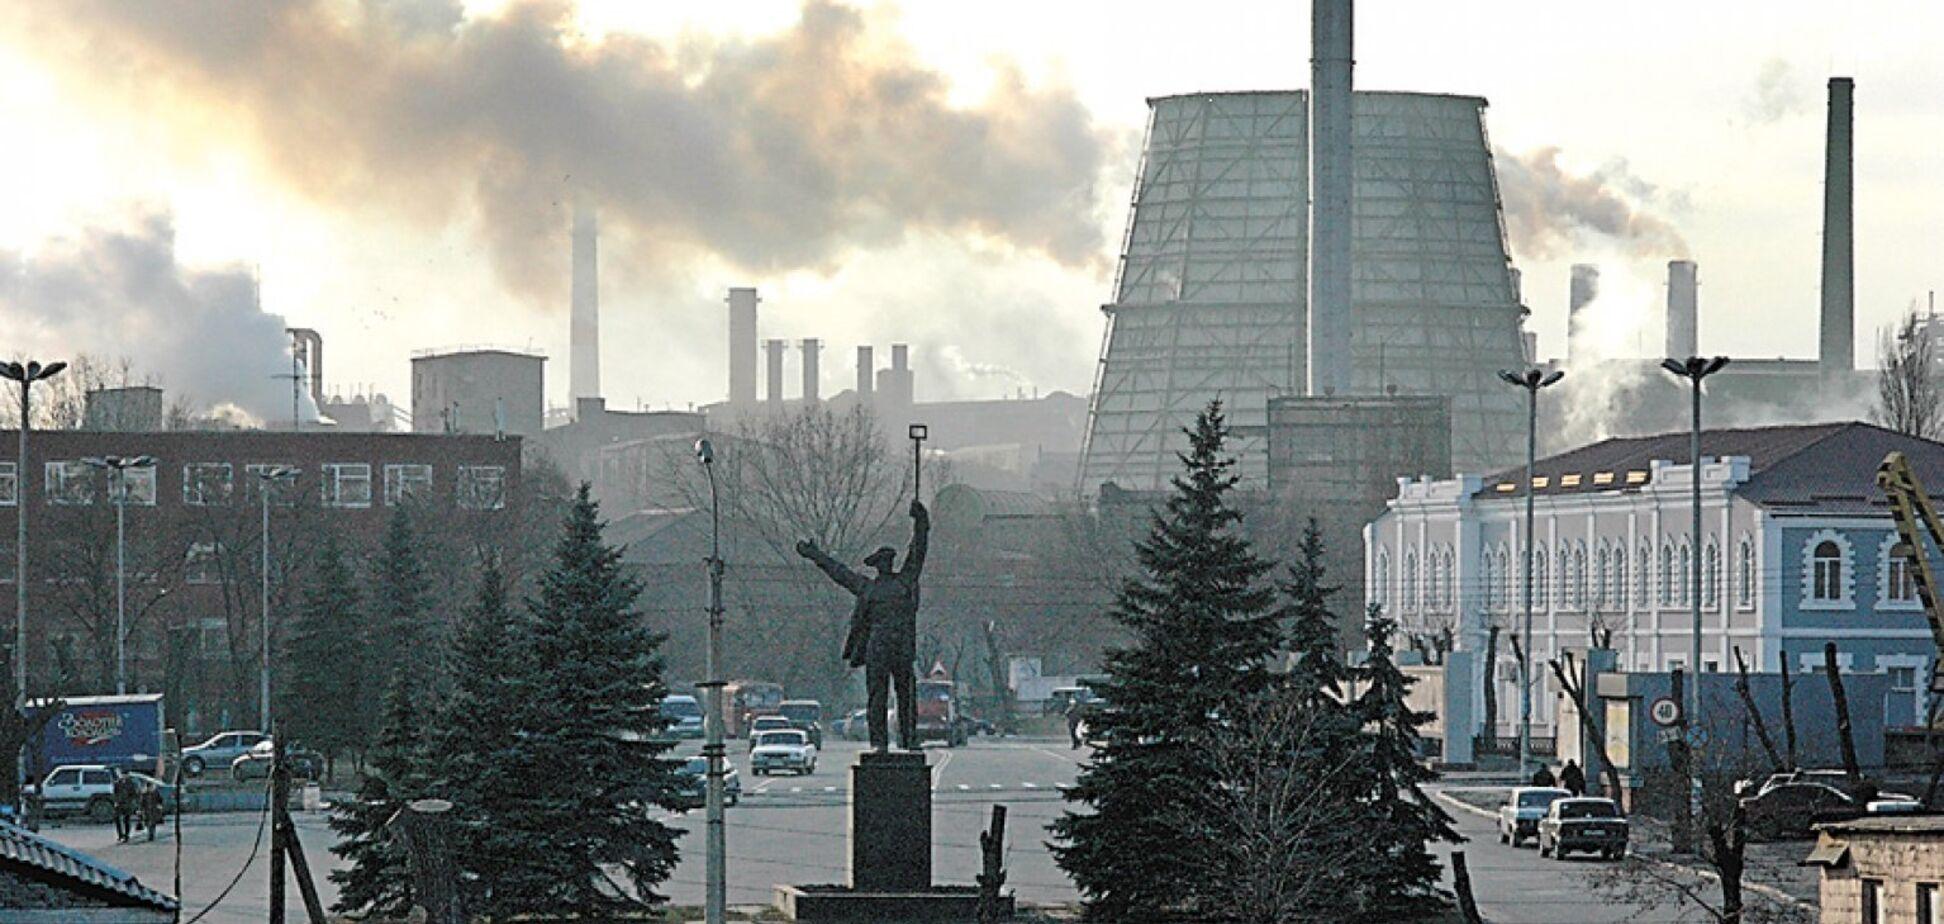 Російський олігарх поклав око на великий завод, віджатий терористами 'Л/ДНР'